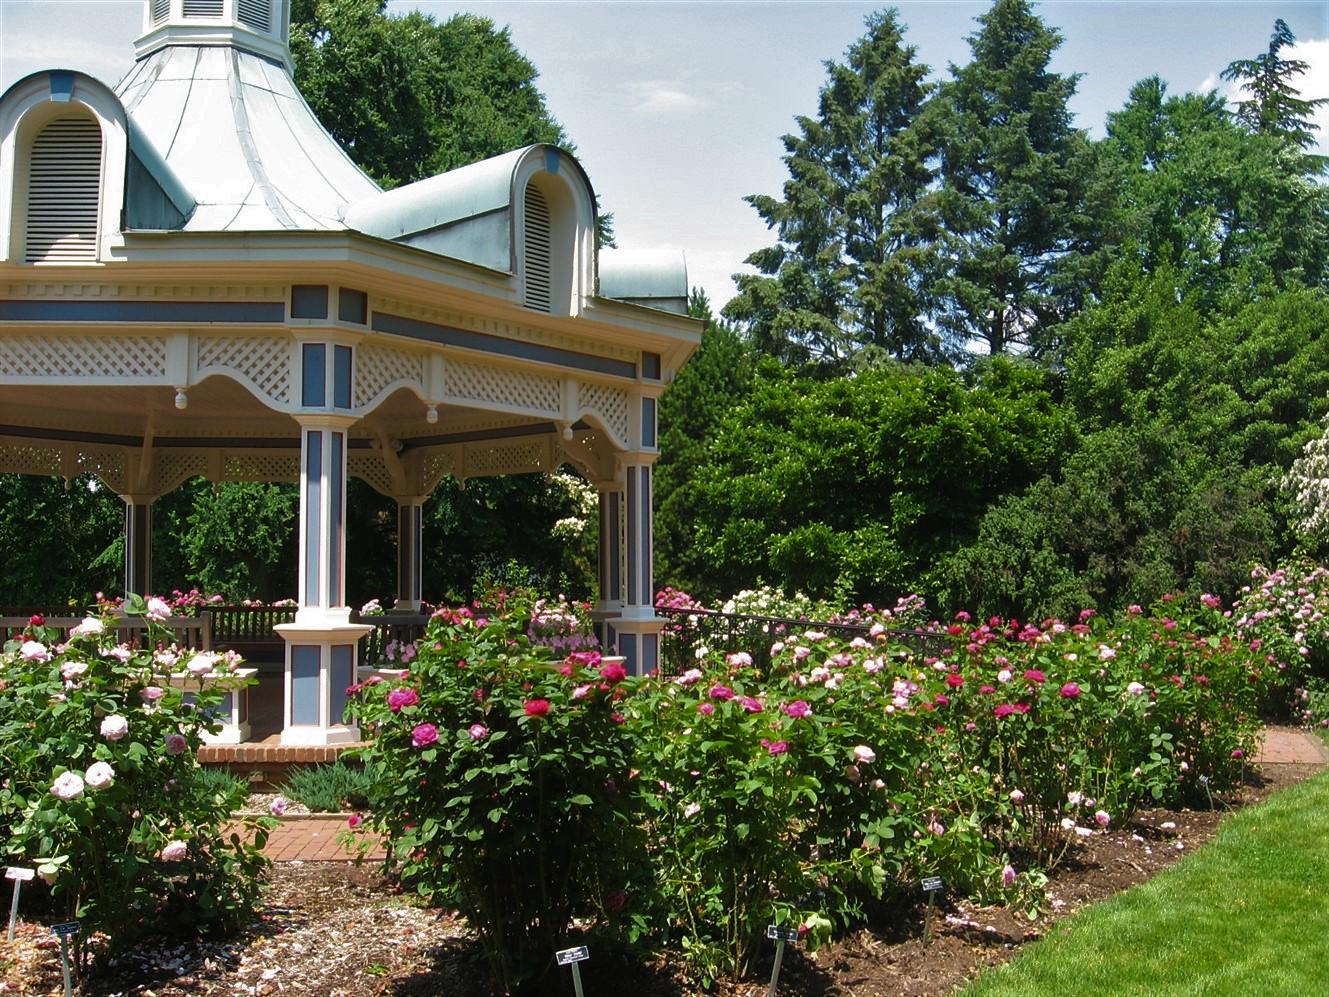 2008 06 21 32 Fellows Gardens Rose Festival.jpg